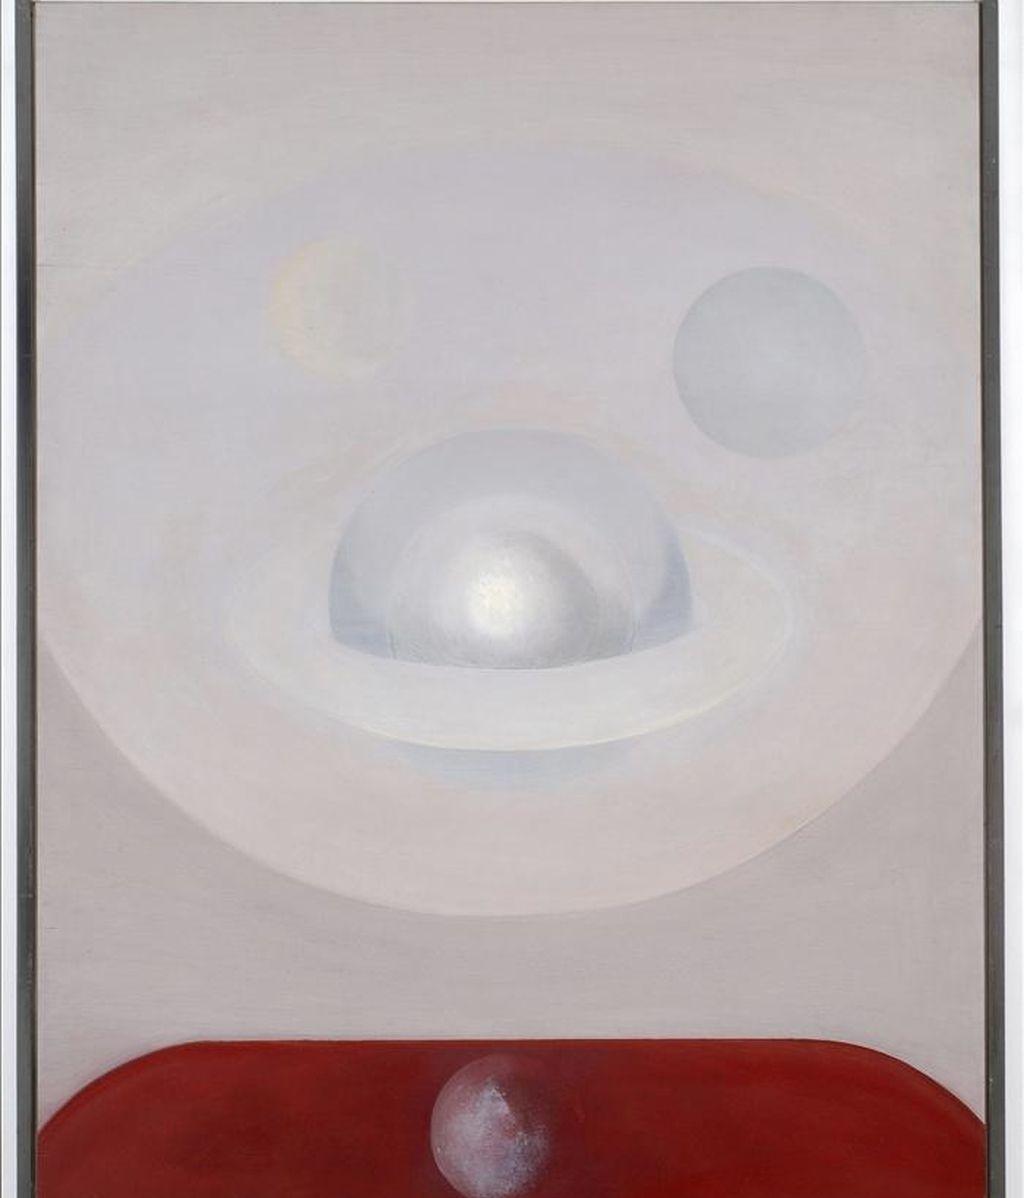 Fotografía facilitada por el Museo de Teruel de un óleo sobre tabla, sin título, de 116 x 88 cms, realizado por el Salvador Victoria en 1971, una de las obras que forman parte de la donación de su viuda a esta pinacoteca, que se exponen se exponen a partir de hoy en este centro. EFE